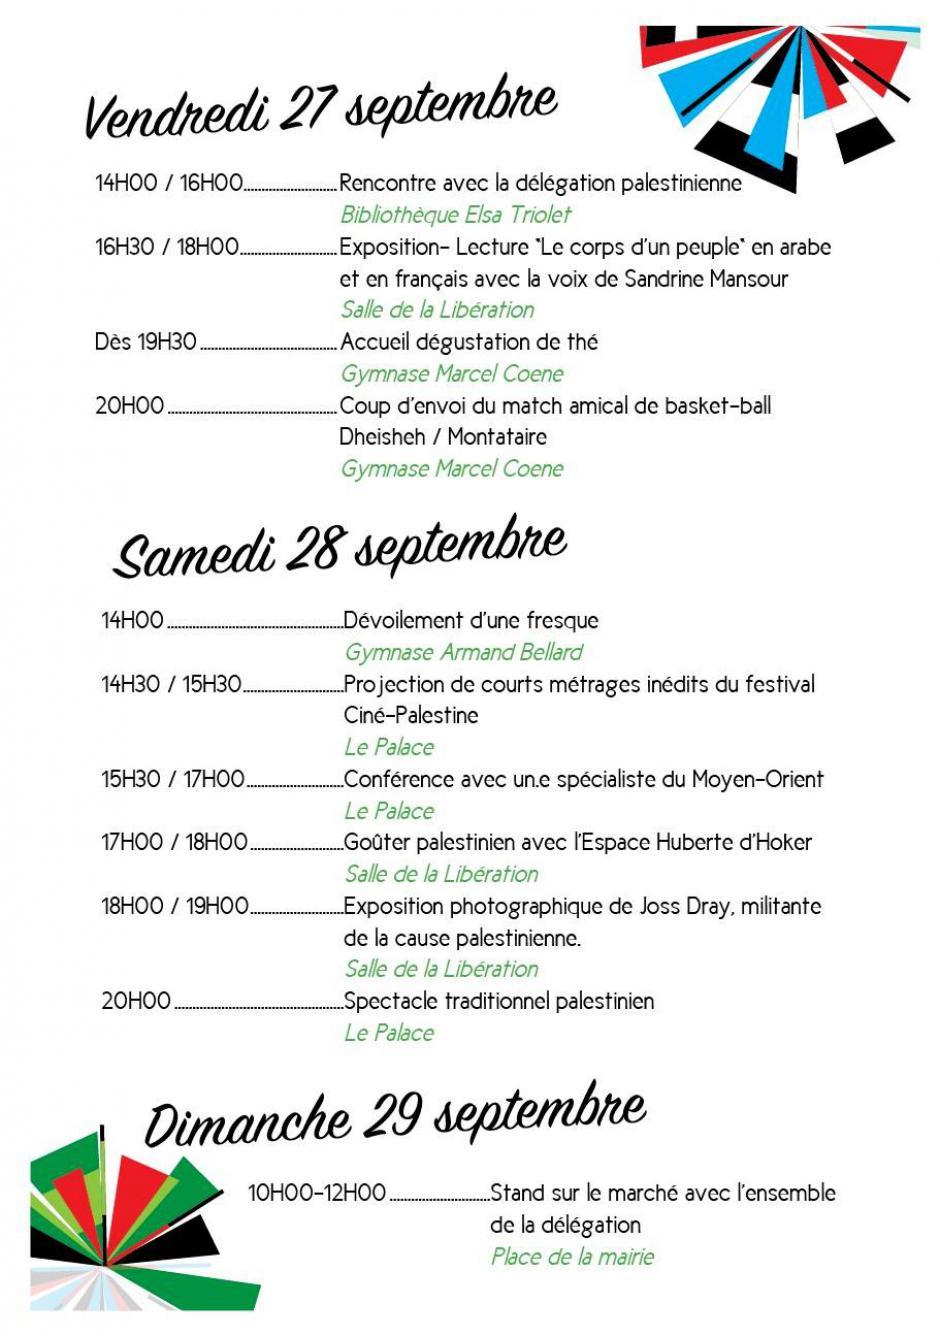 30e anniversaire du Comité de jumelage Montataire-Dheisheh-Le programme